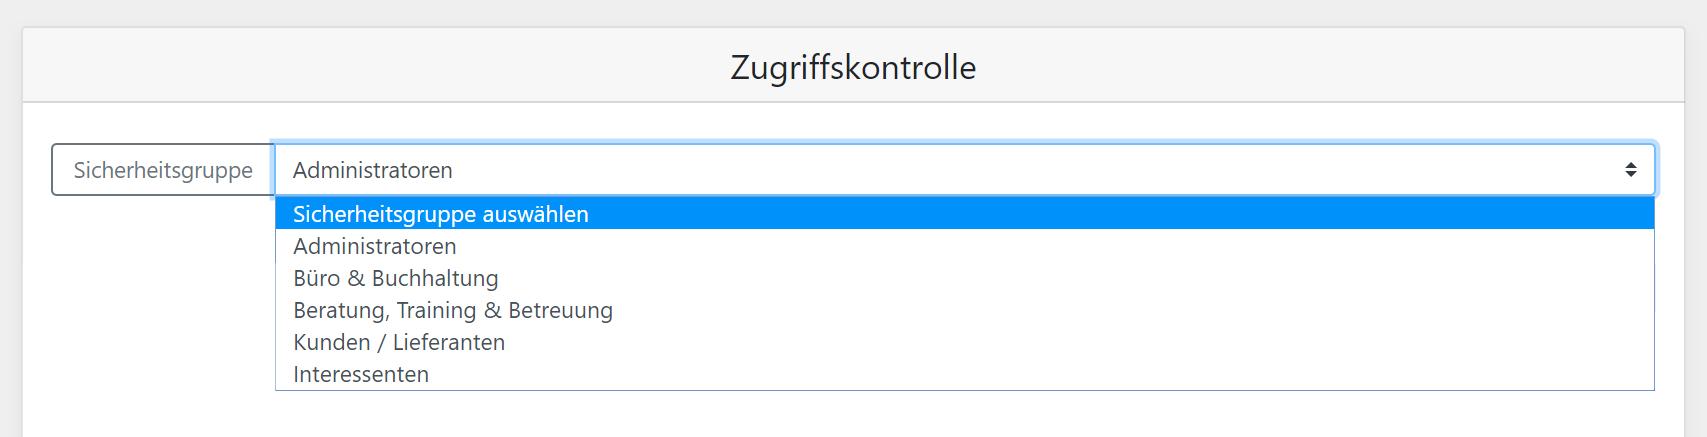 Screenshot Zugriffskontrolle